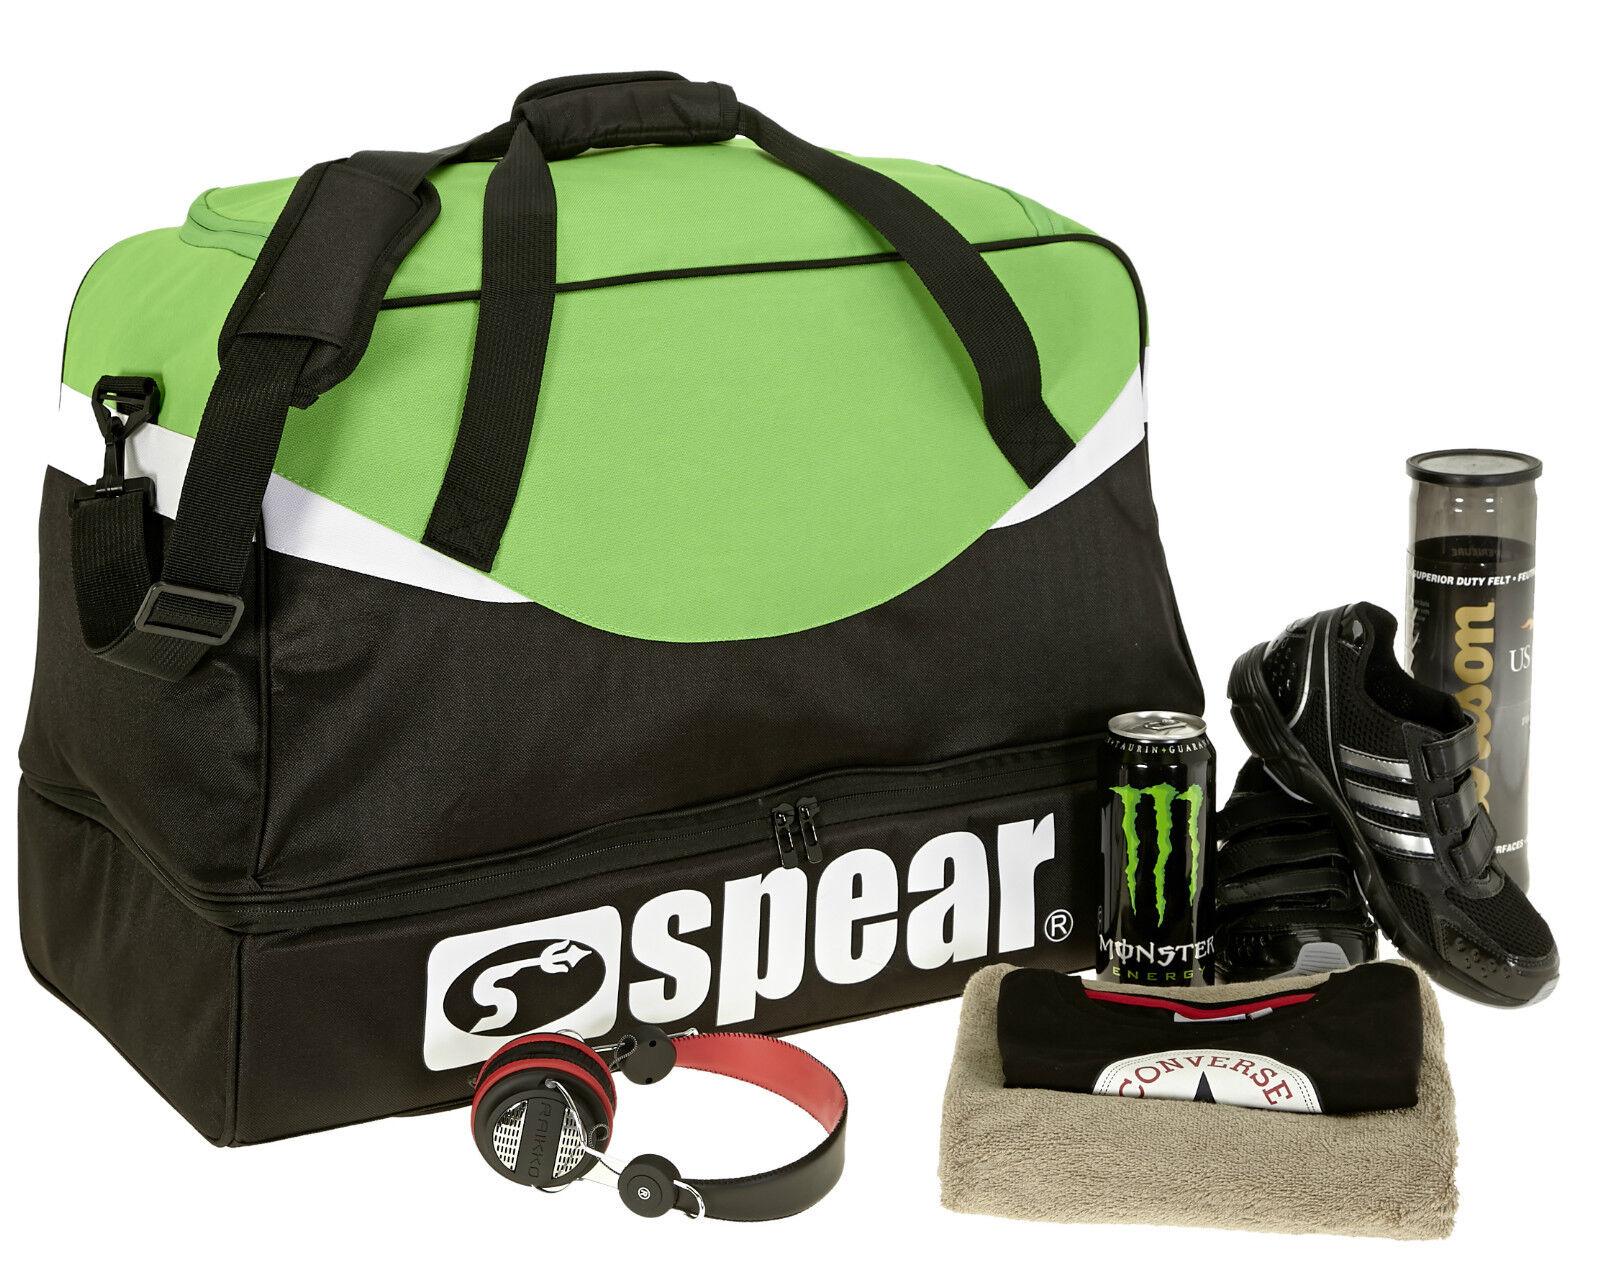 sporttasche spear big xxl 70 liter sport tasche reisetasche fu balltasche wahl eur 26 99. Black Bedroom Furniture Sets. Home Design Ideas